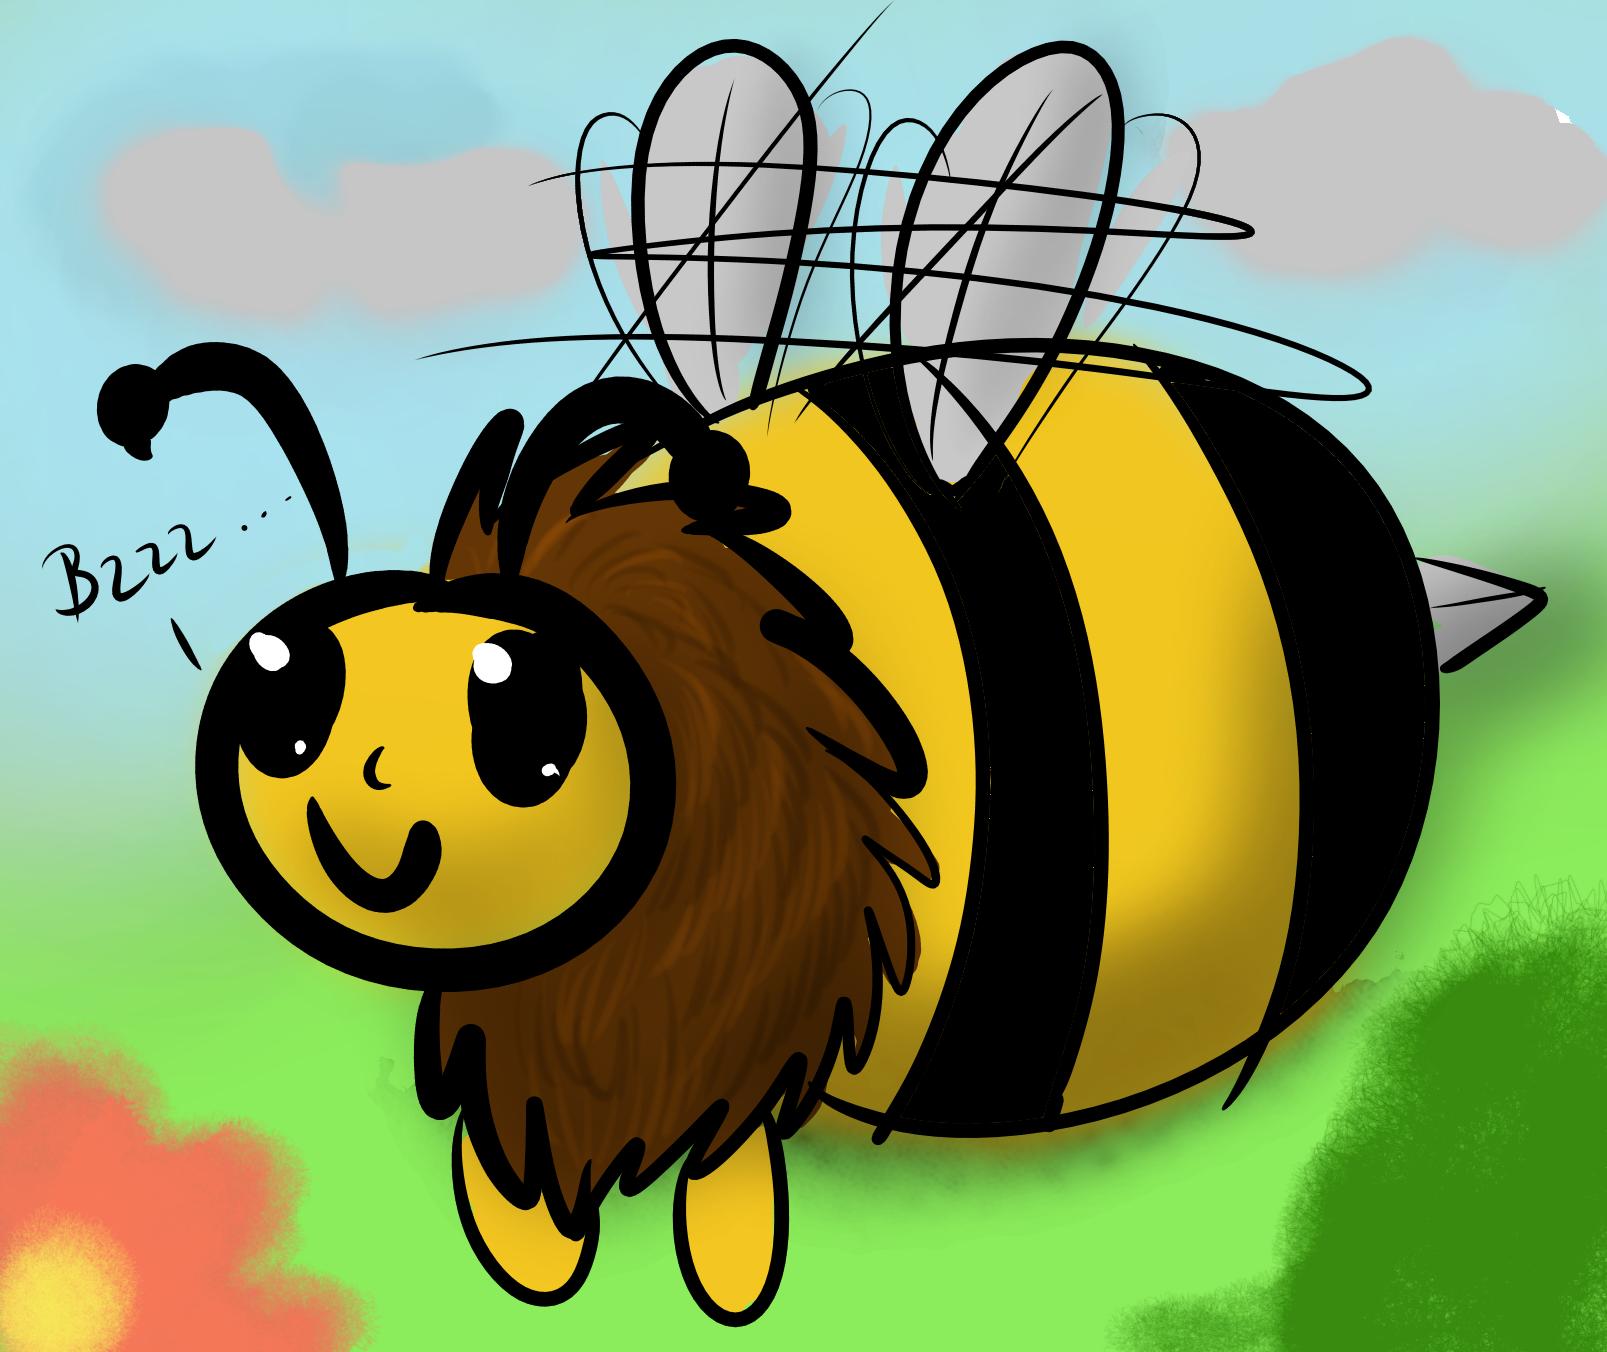 работы картинка прикольная пчела для мобильного это